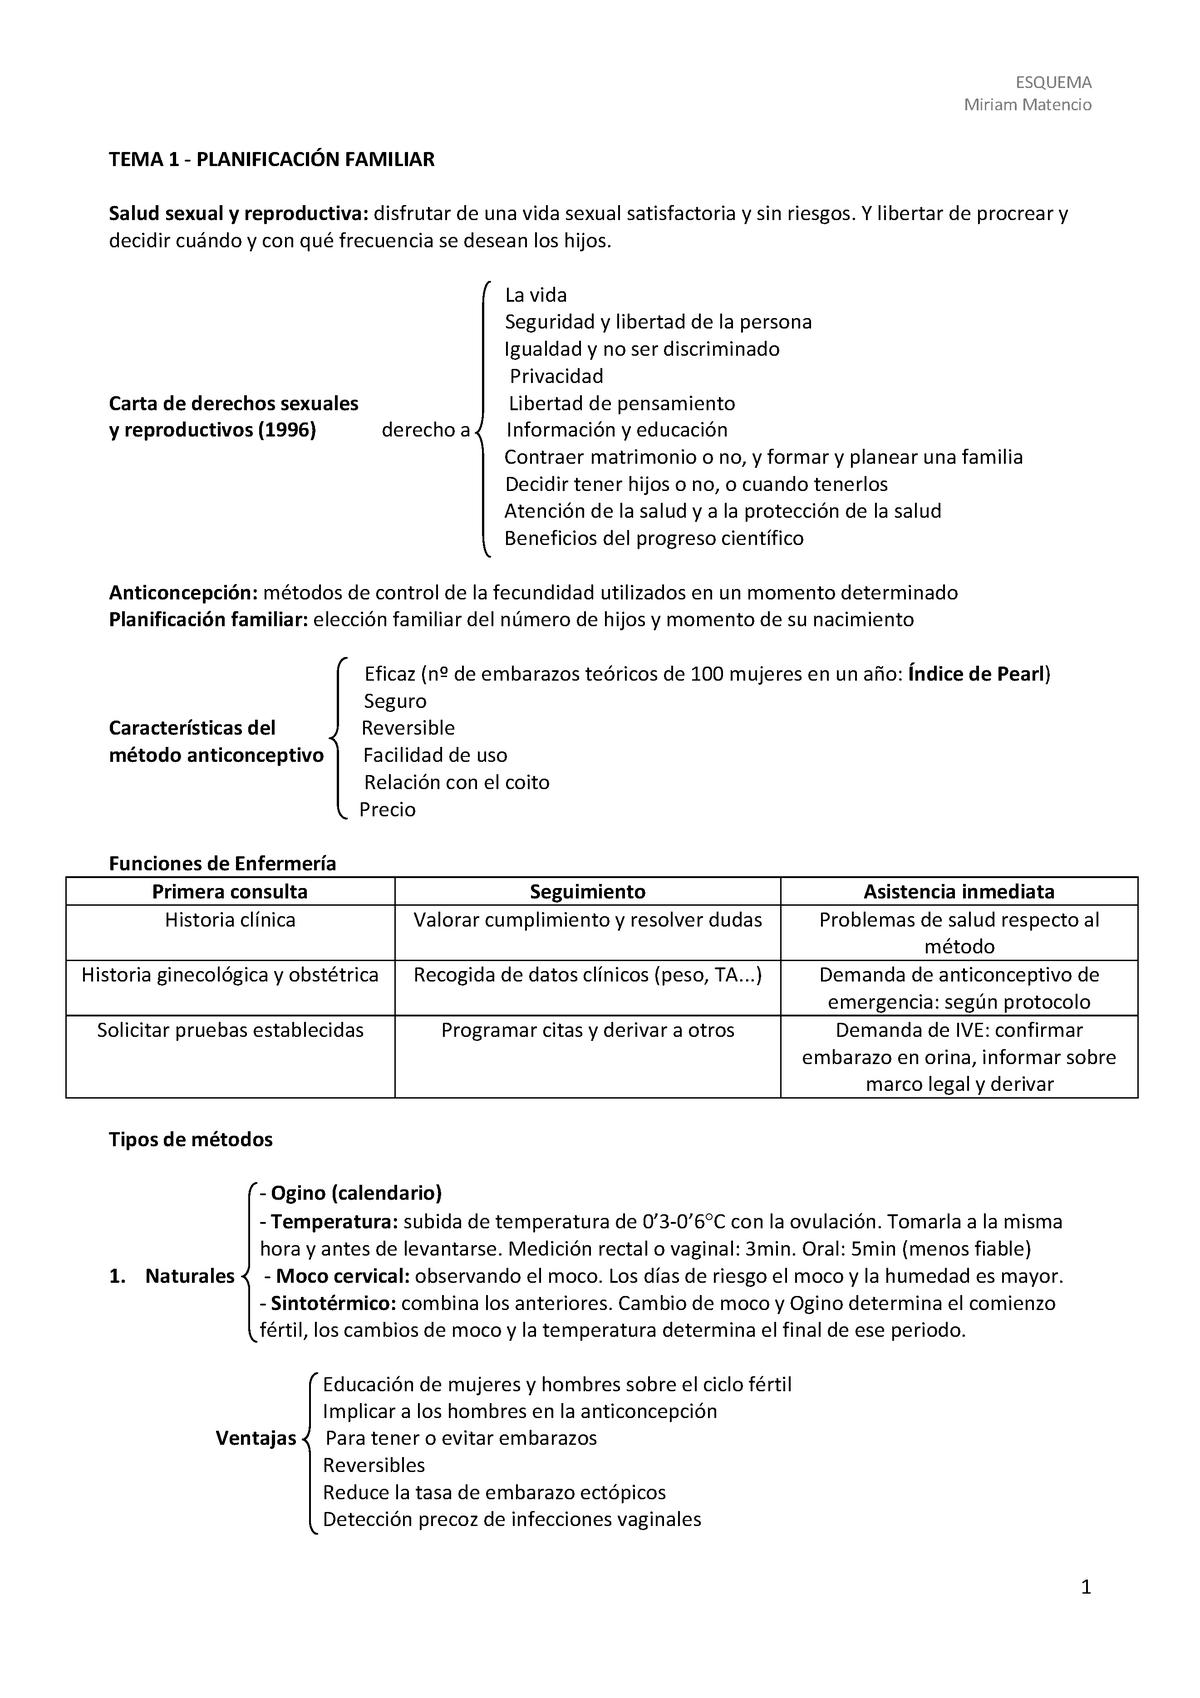 Calendario 1996.Esquema Tema 1 Enfermeria Y Salud De La Mujer 2619 Um